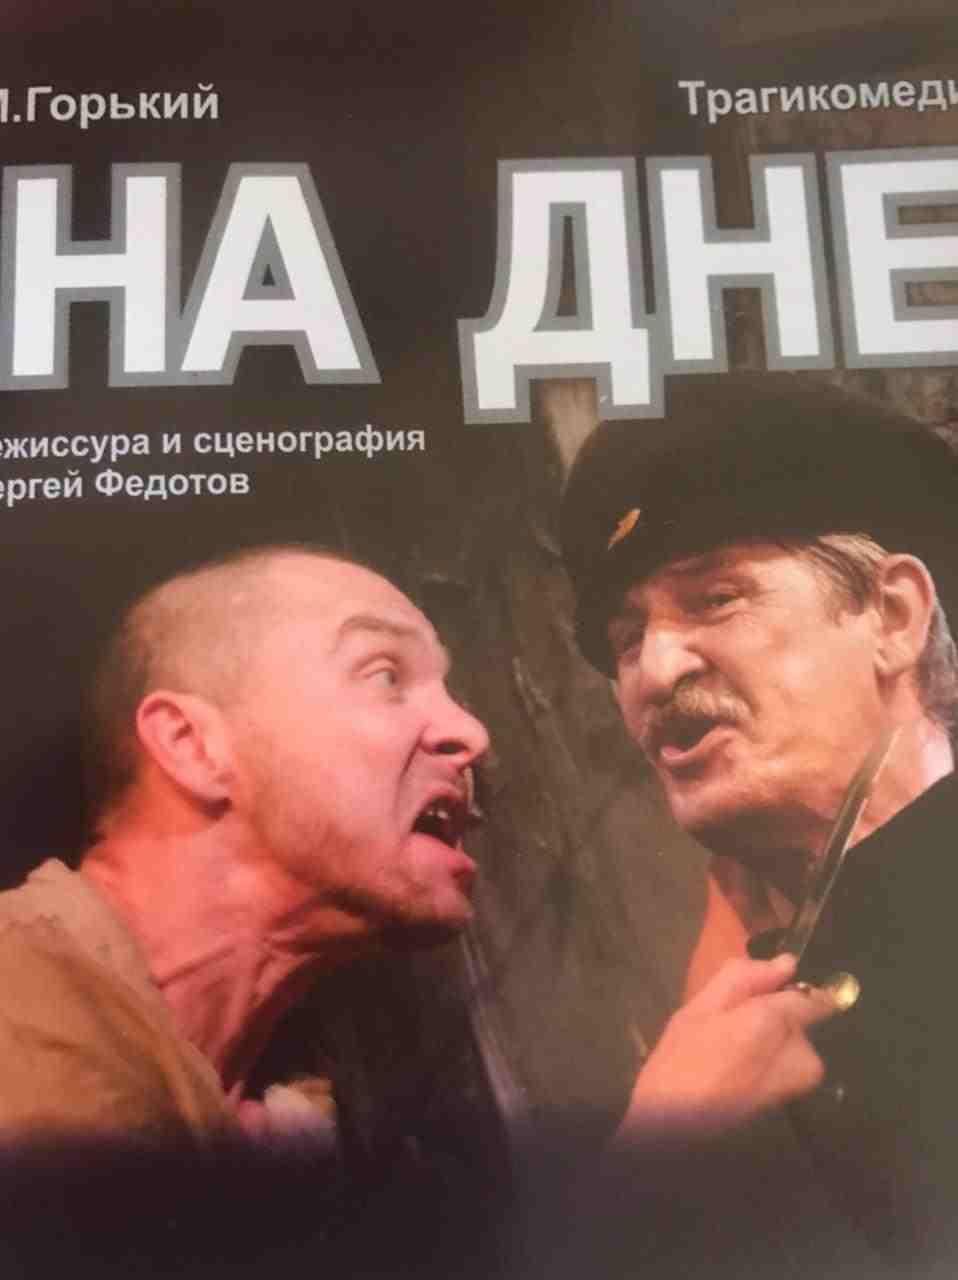 В Новороссийске продолжается фестиваль «Театральная гавань». Сегодня дают «Звериные истории»